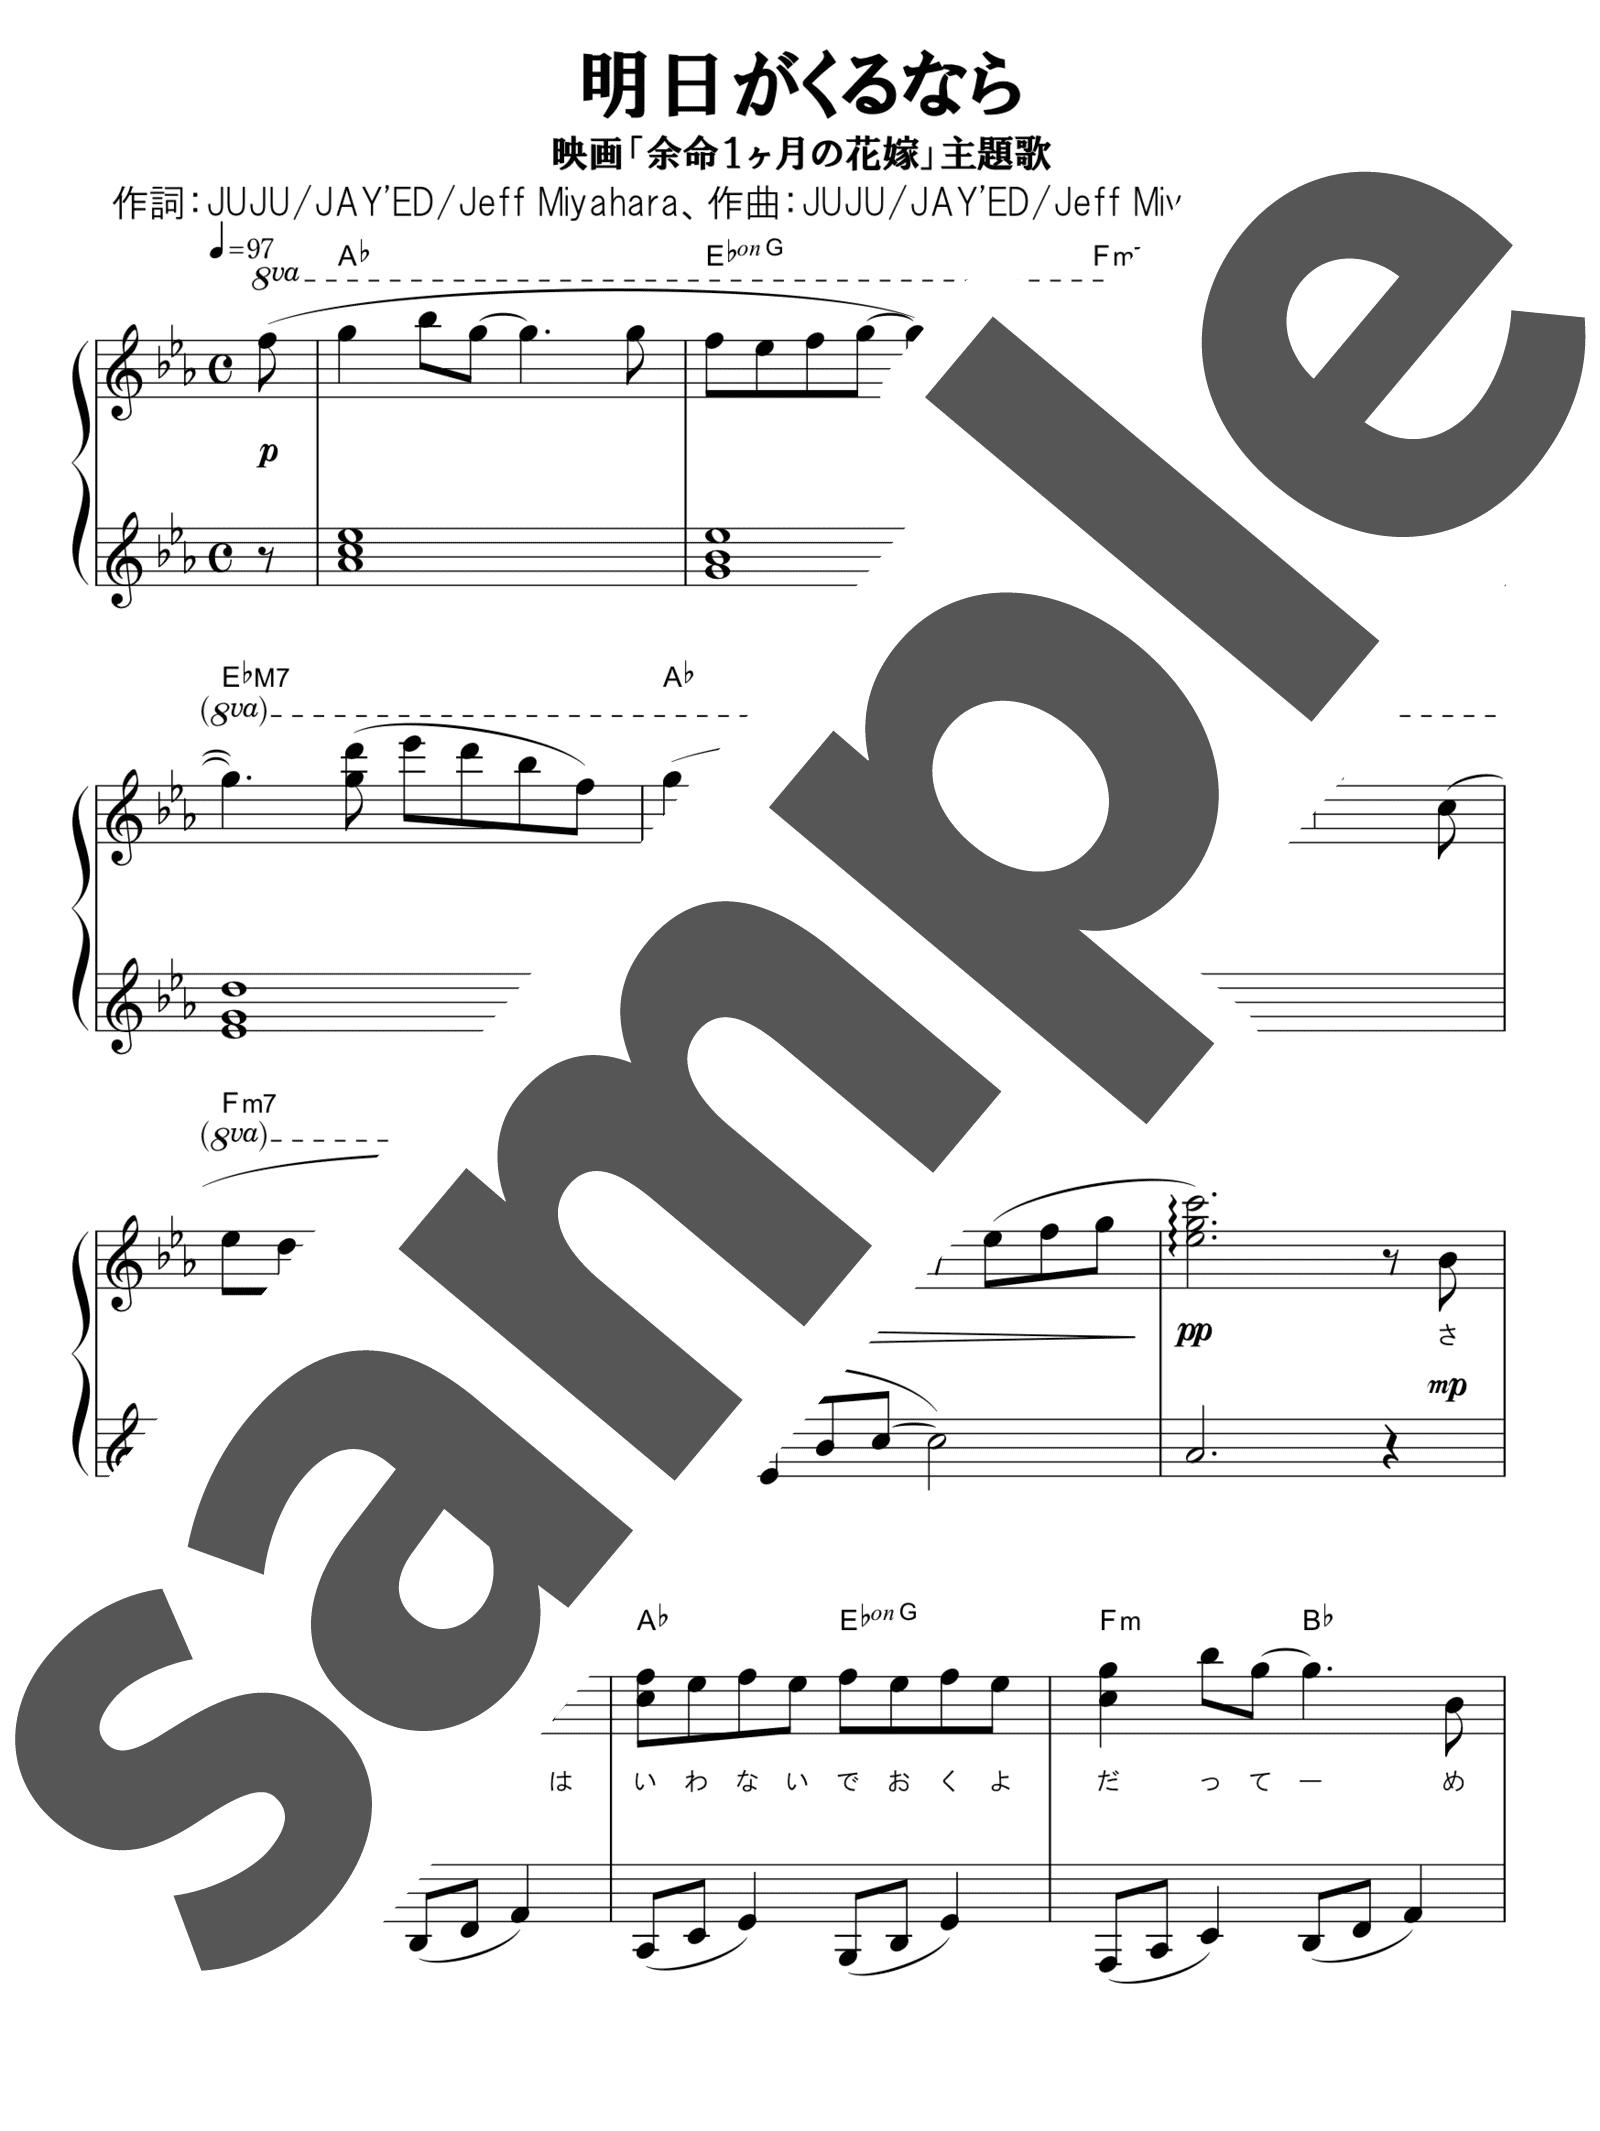 「明日がくるなら」のサンプル楽譜